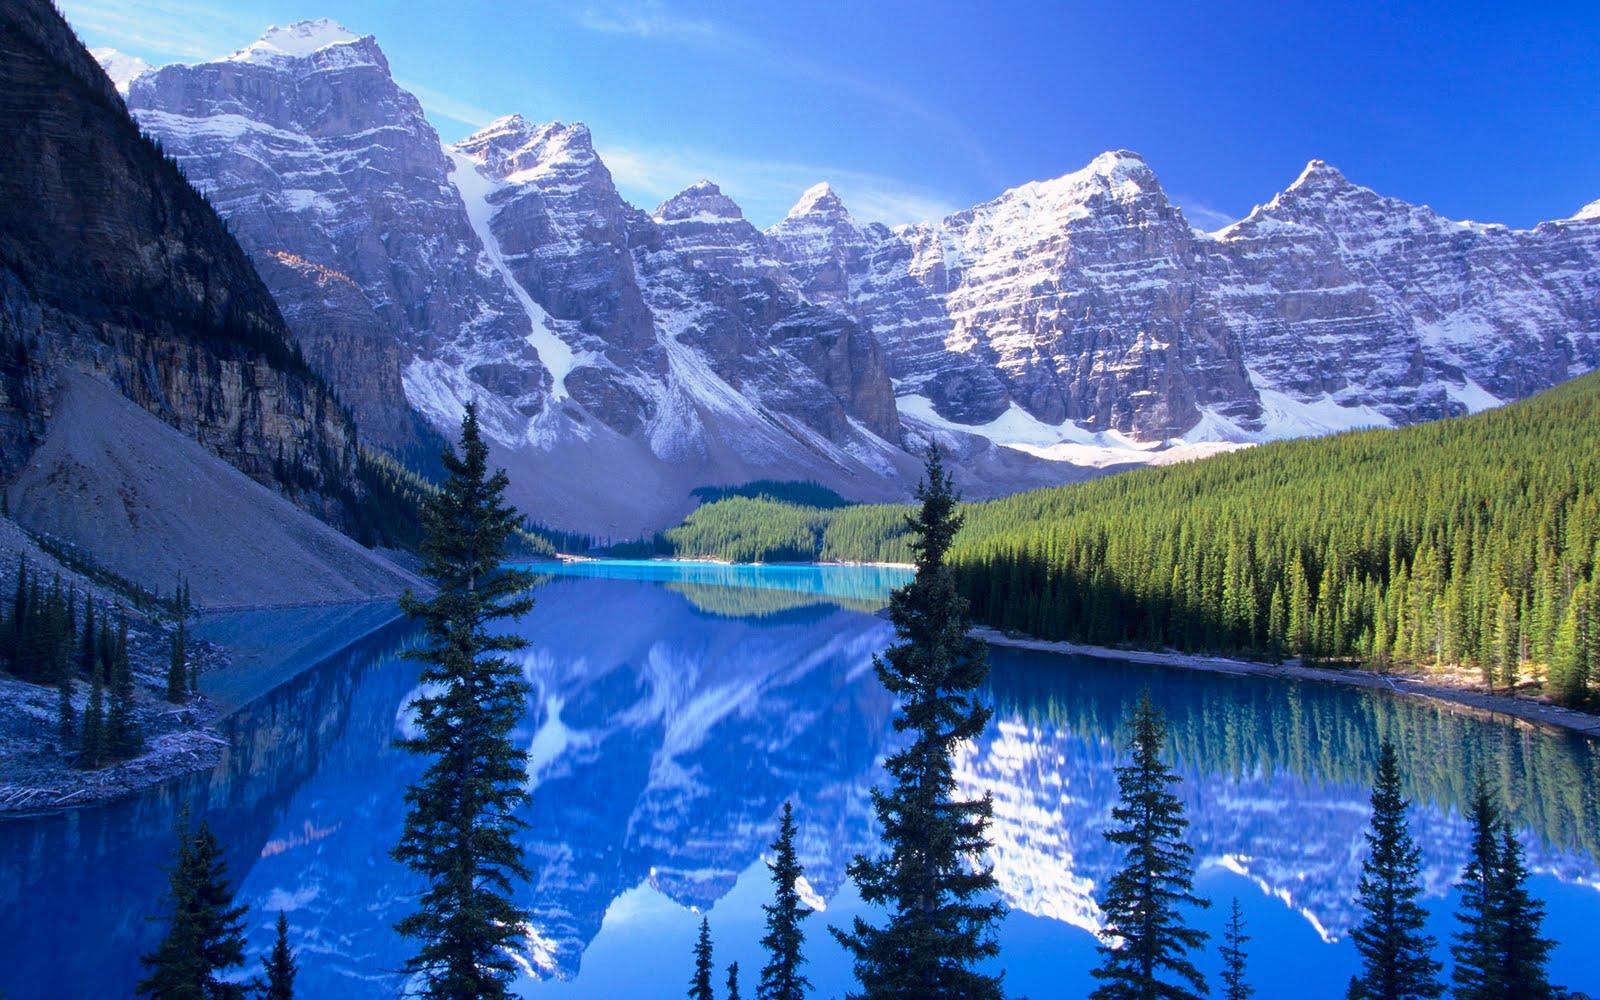 http://4.bp.blogspot.com/_EZ16vWYvHHg/TBasSTnqJXI/AAAAAAAAOpQ/crvwLXKQ5eM/s1600/www.BancodeImagenesGratuitas.com-Canada-1.jpg